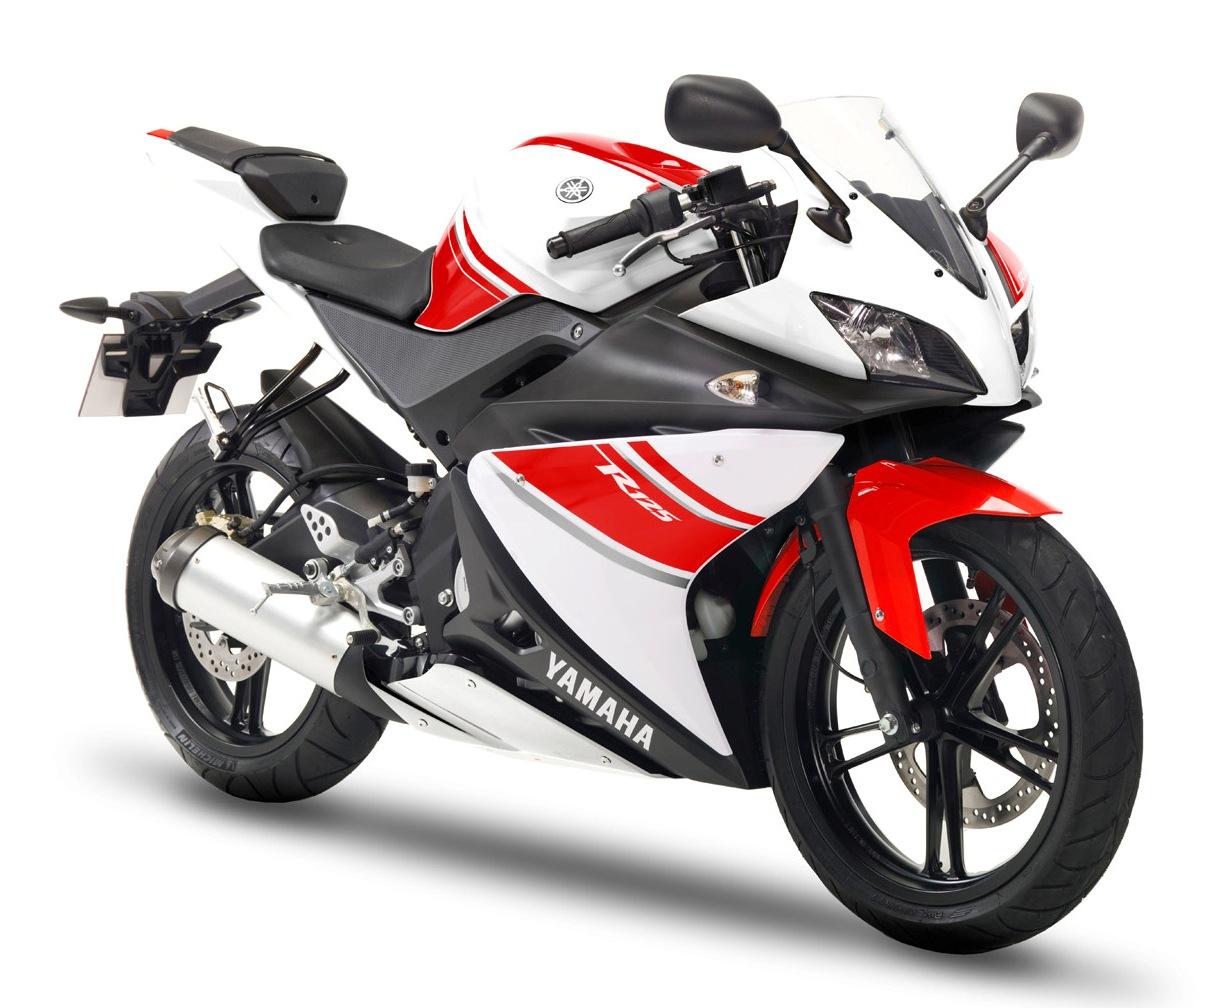 Hd wallpaper yamaha r15 - Yamaha Tzr125 Motorcycle Wiring Diagram2 Images